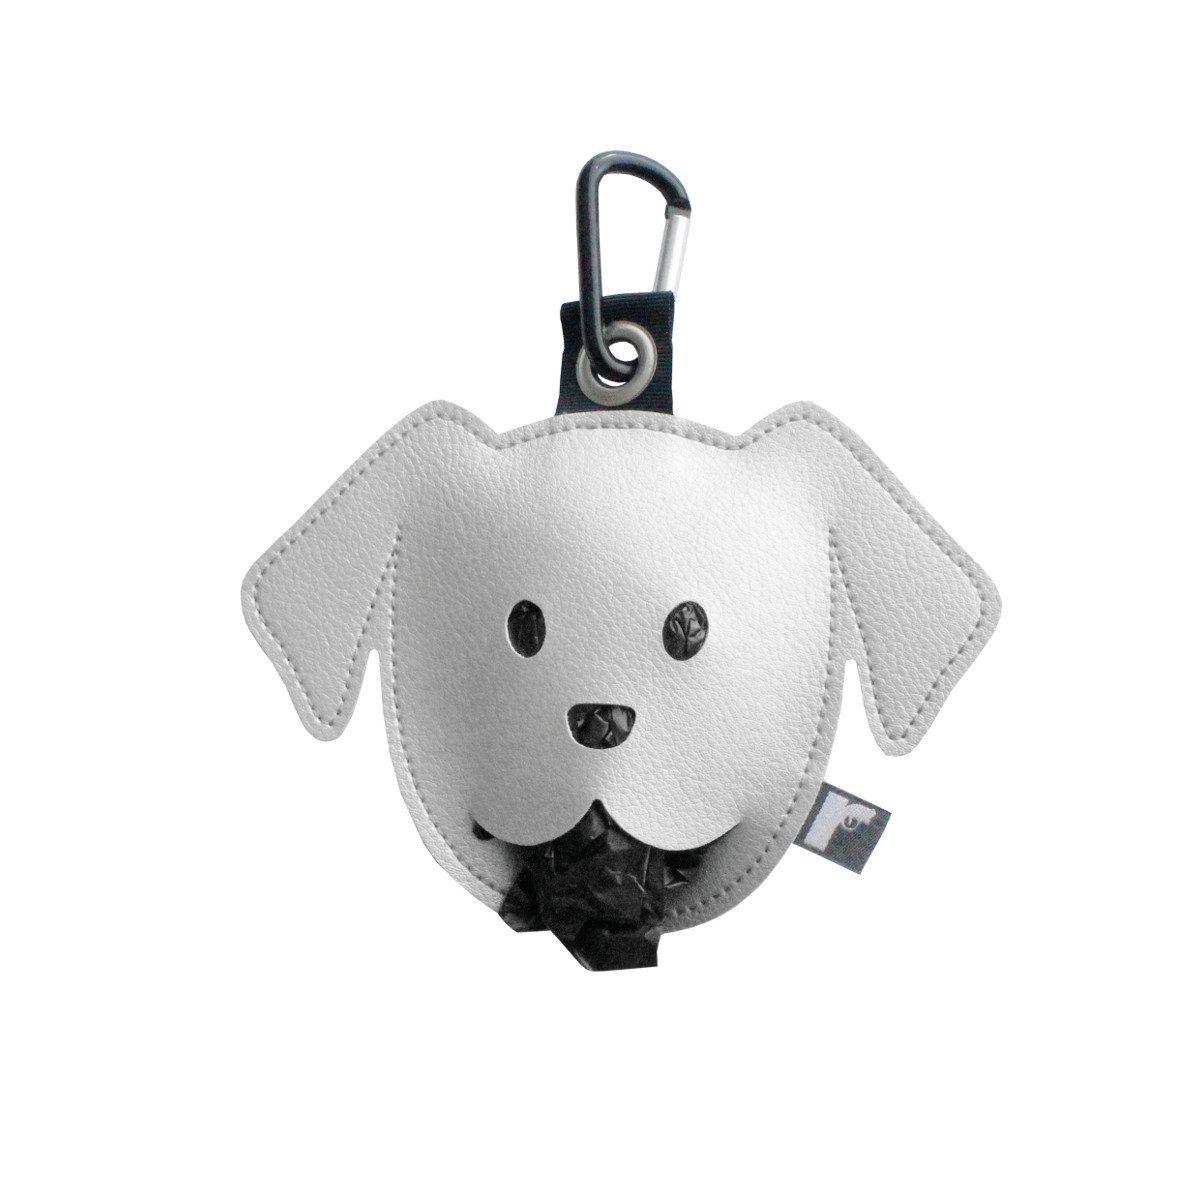 Goodie zum Gassi-Gehen: Der Hundebeutelspender silber